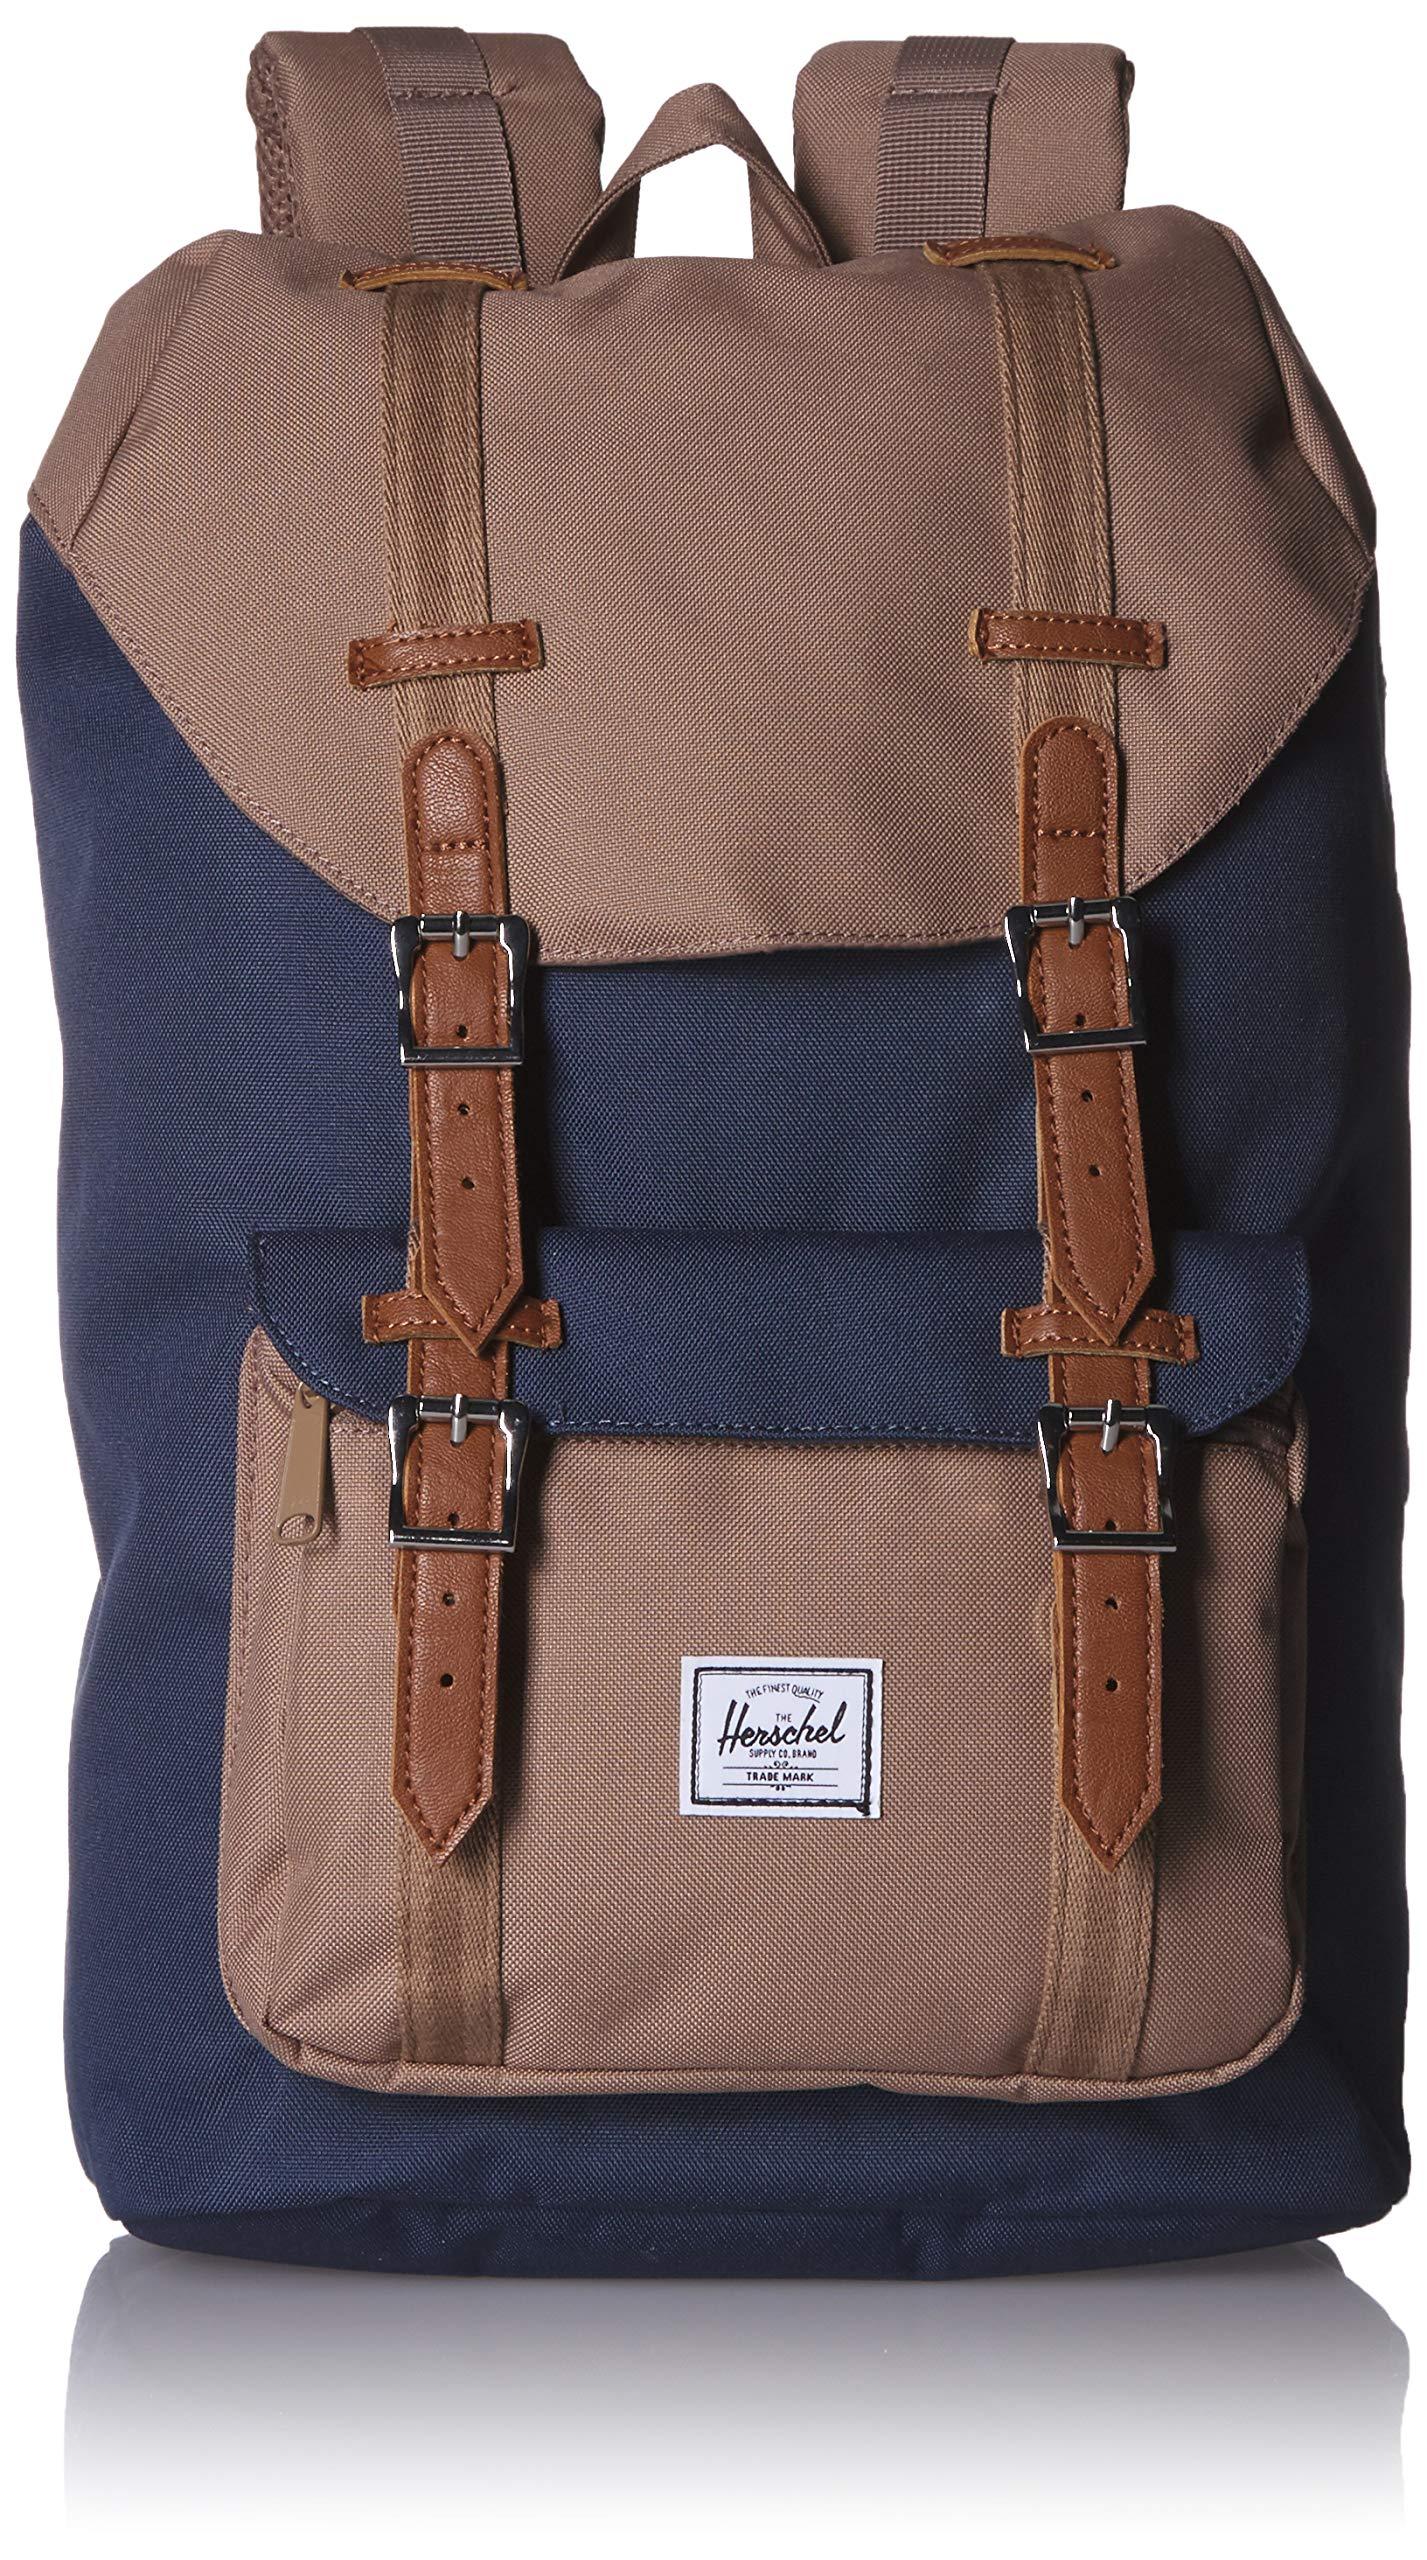 Herschel Supply Co. Little America Flapover Backpack, Navy/pine bark/Tan, Mid-Volume 17L by Herschel